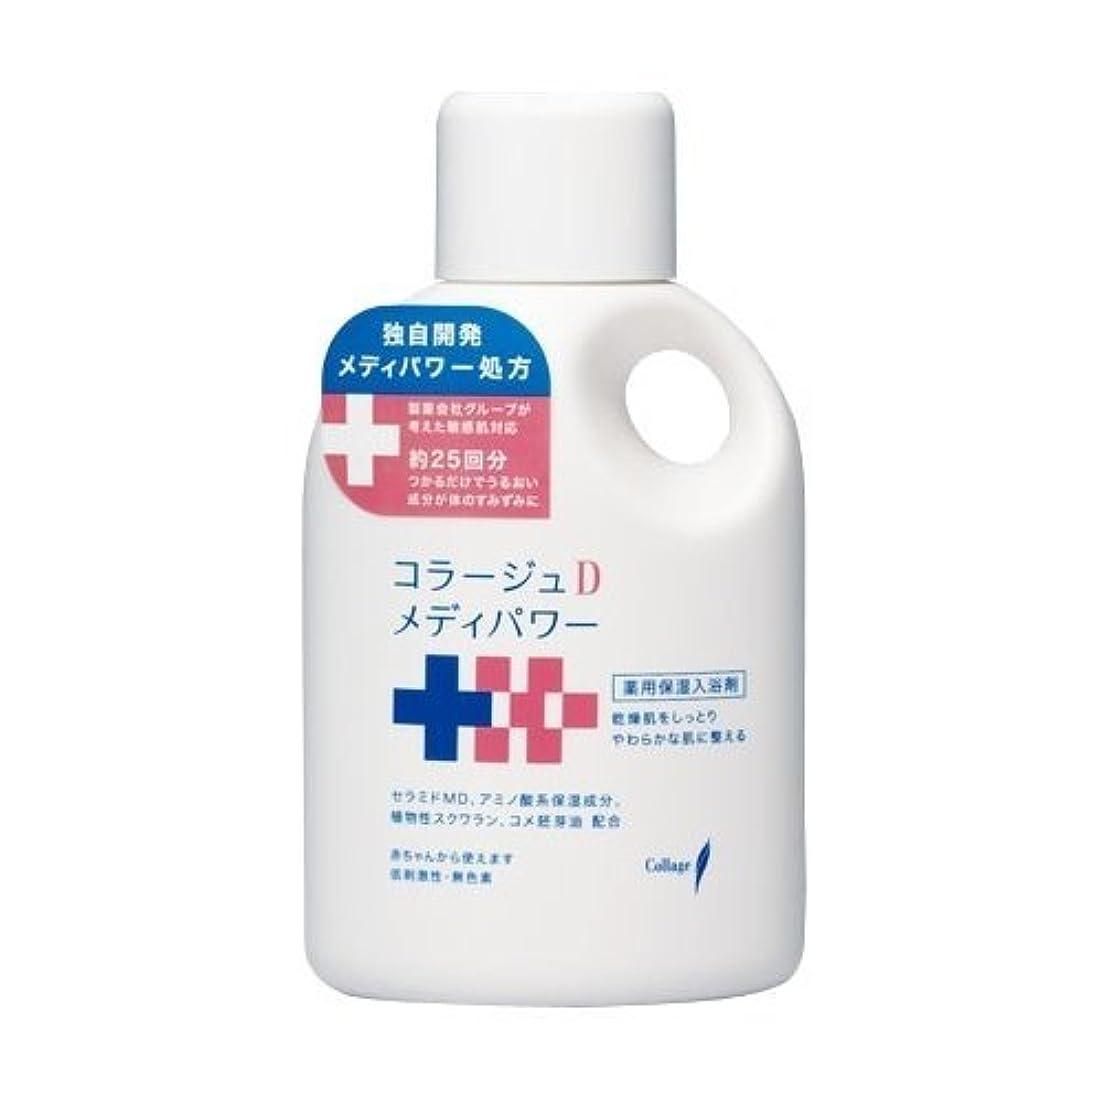 スナック変な感度コラージュ Dメディパワー 保湿入浴剤 500mL (医薬部外品)